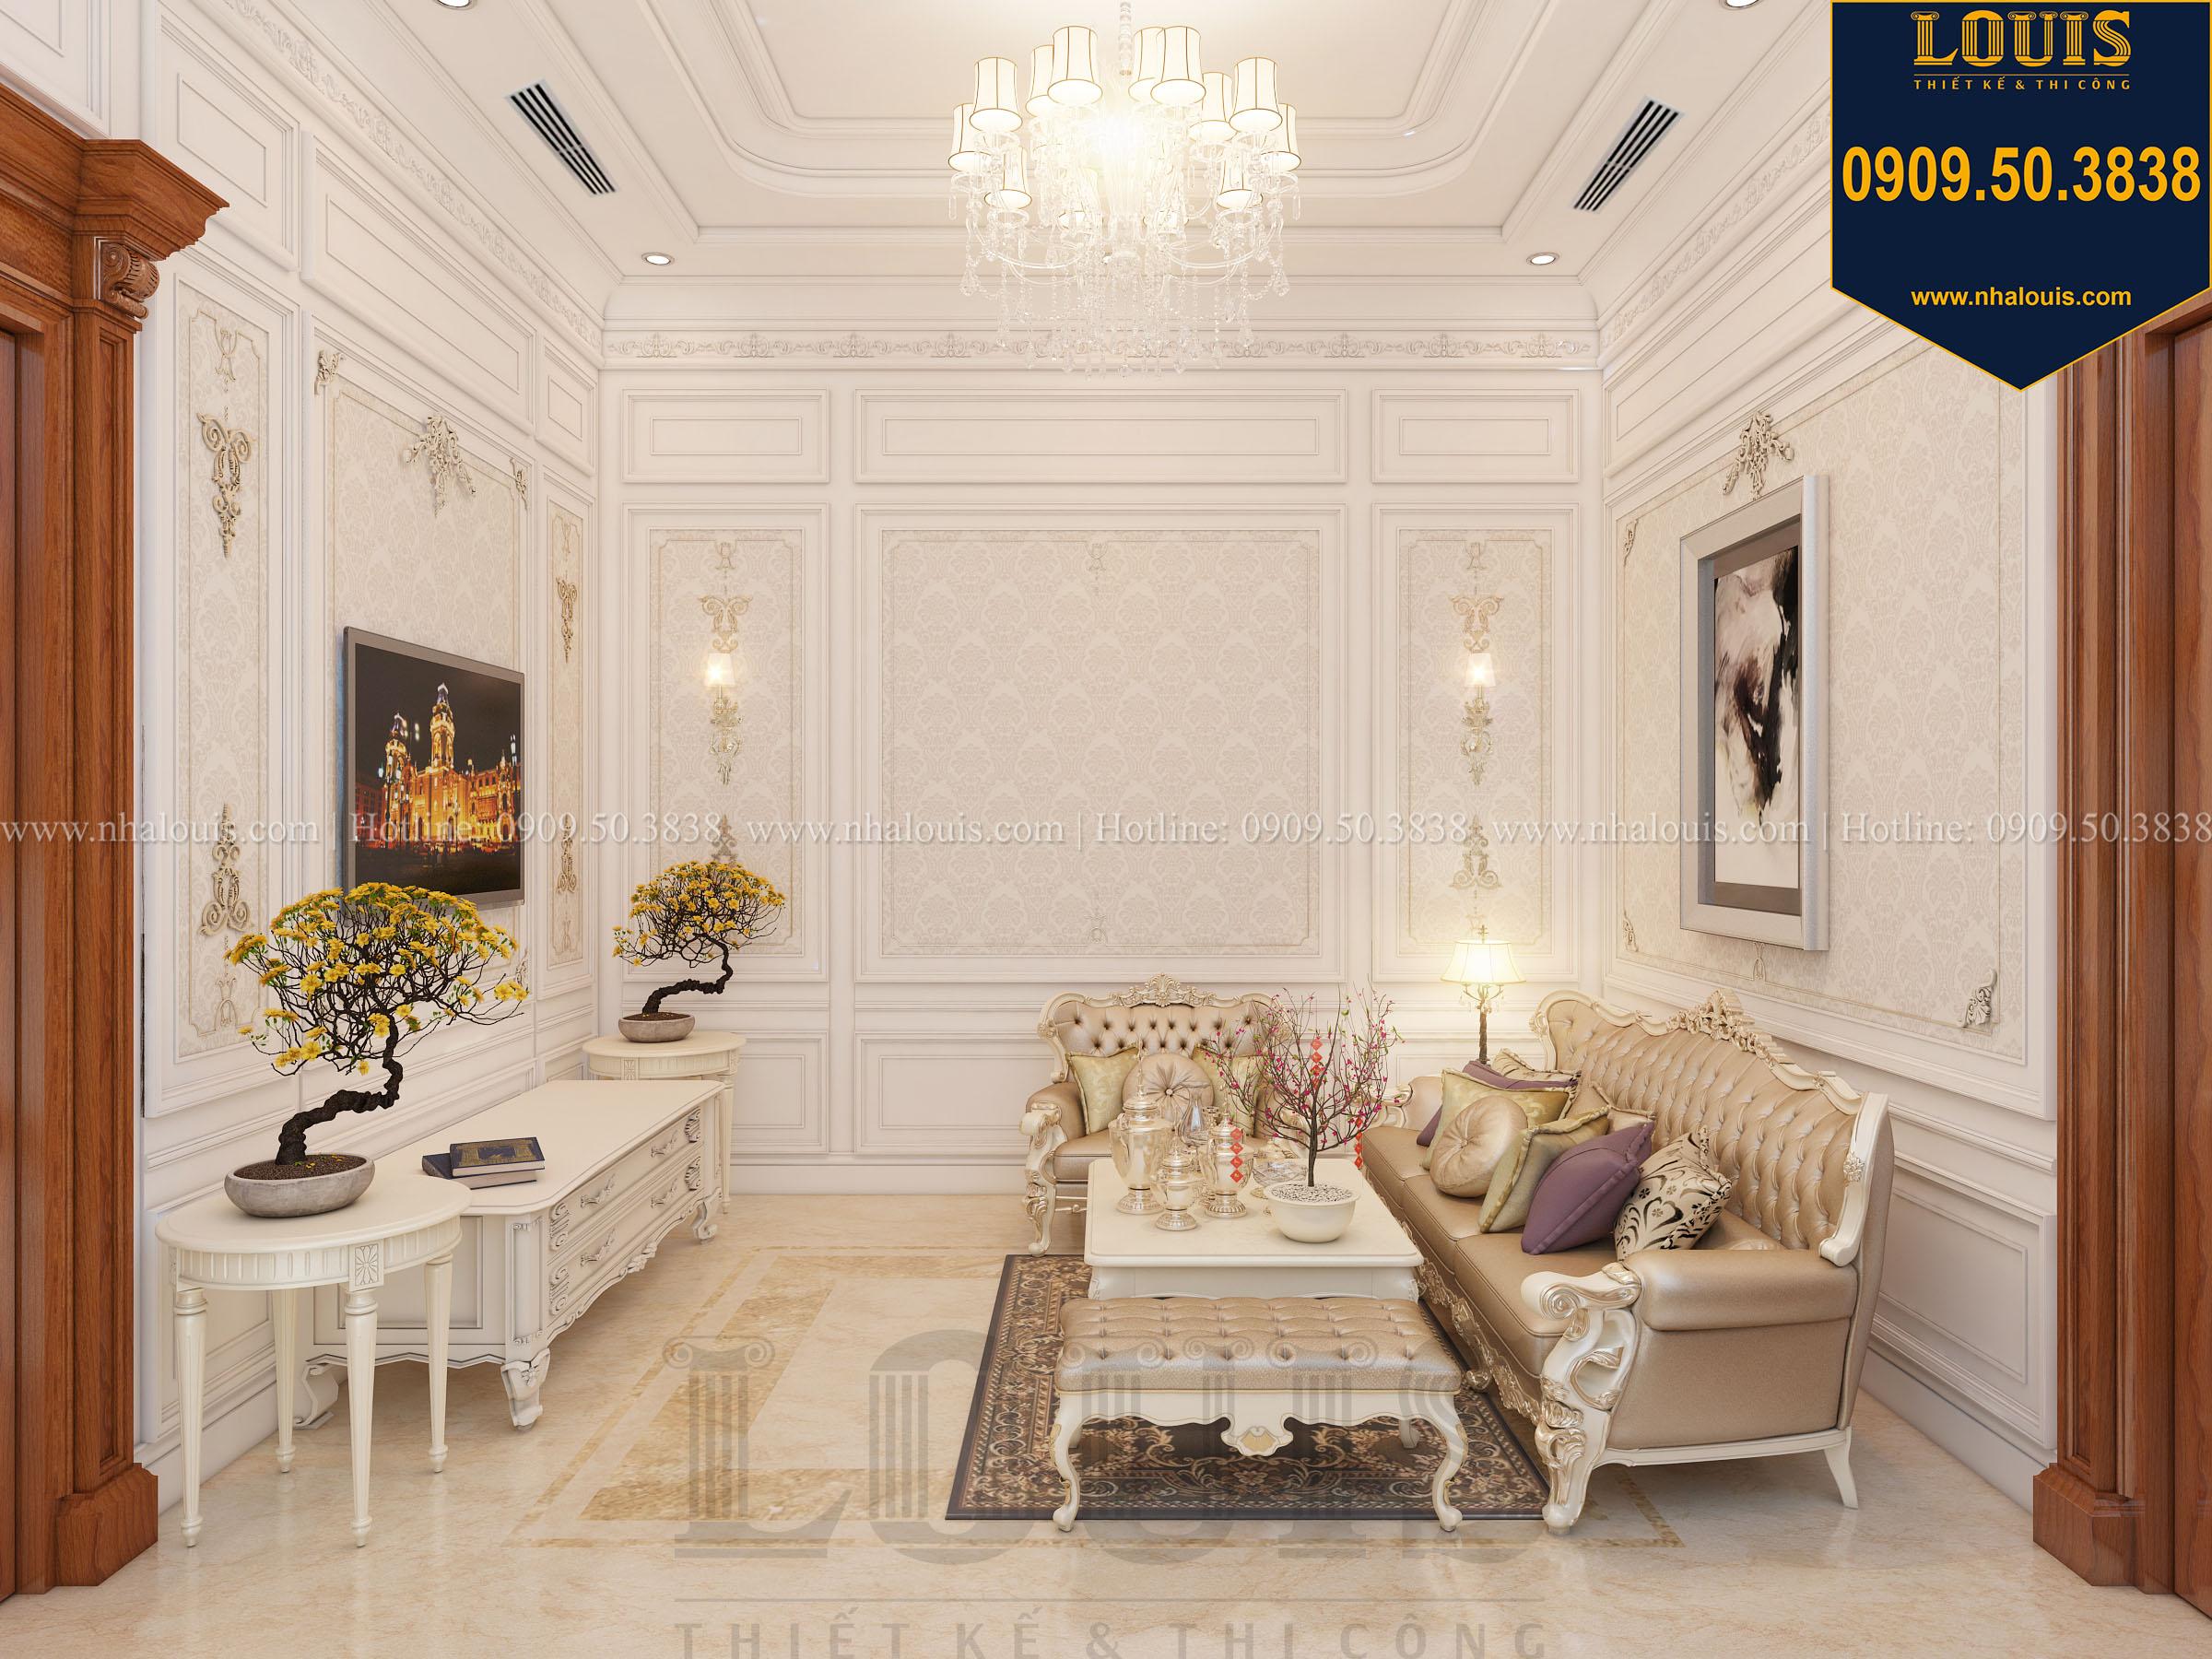 Phòng sinh hoạt chung biệt thự phong cách cổ điển châu Âu - 016